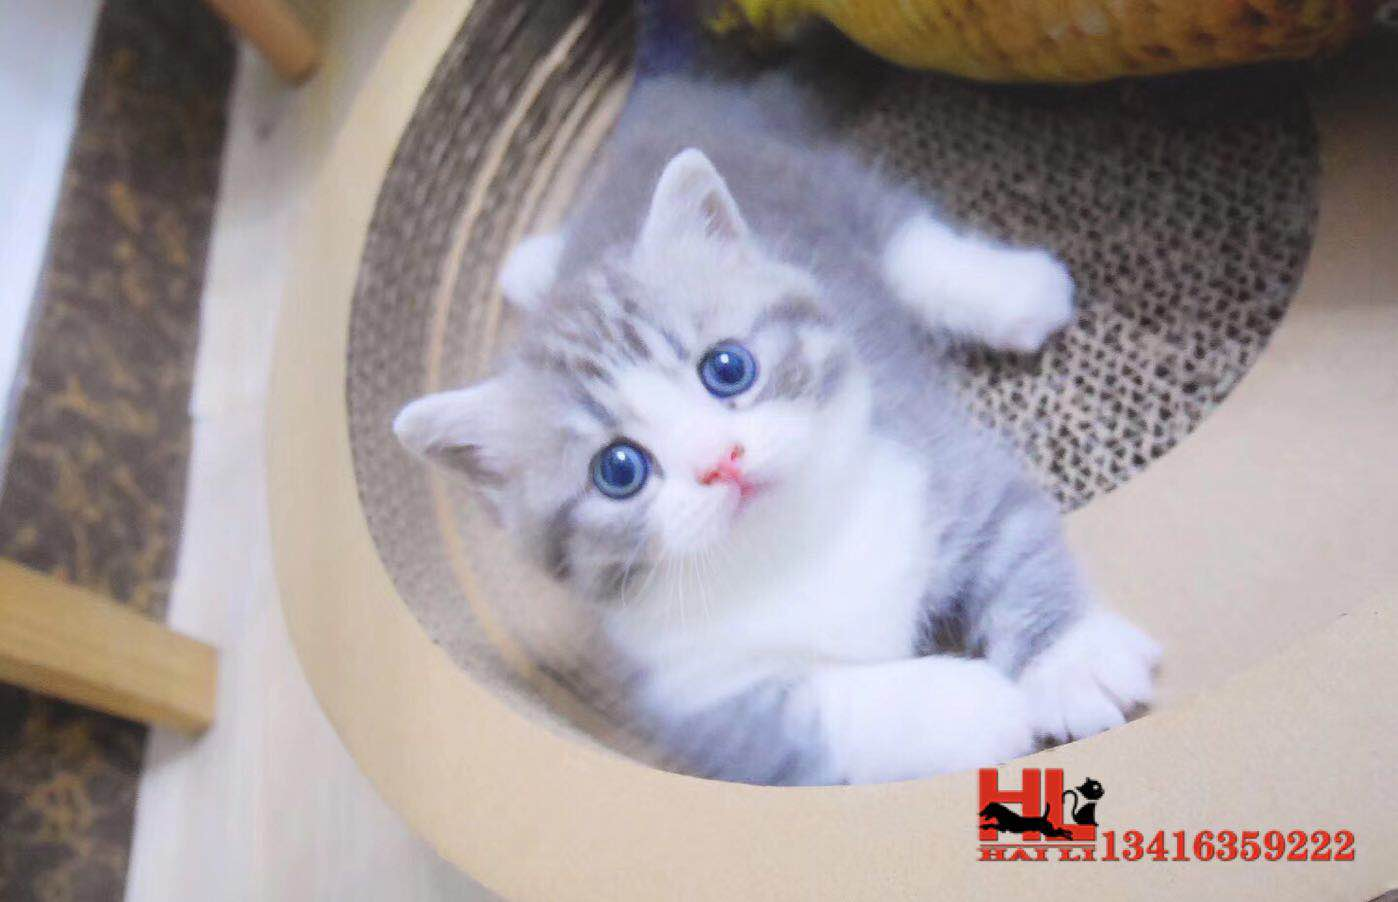 广州正规猫舍繁殖精品曼基康猫 包纯种健康养活